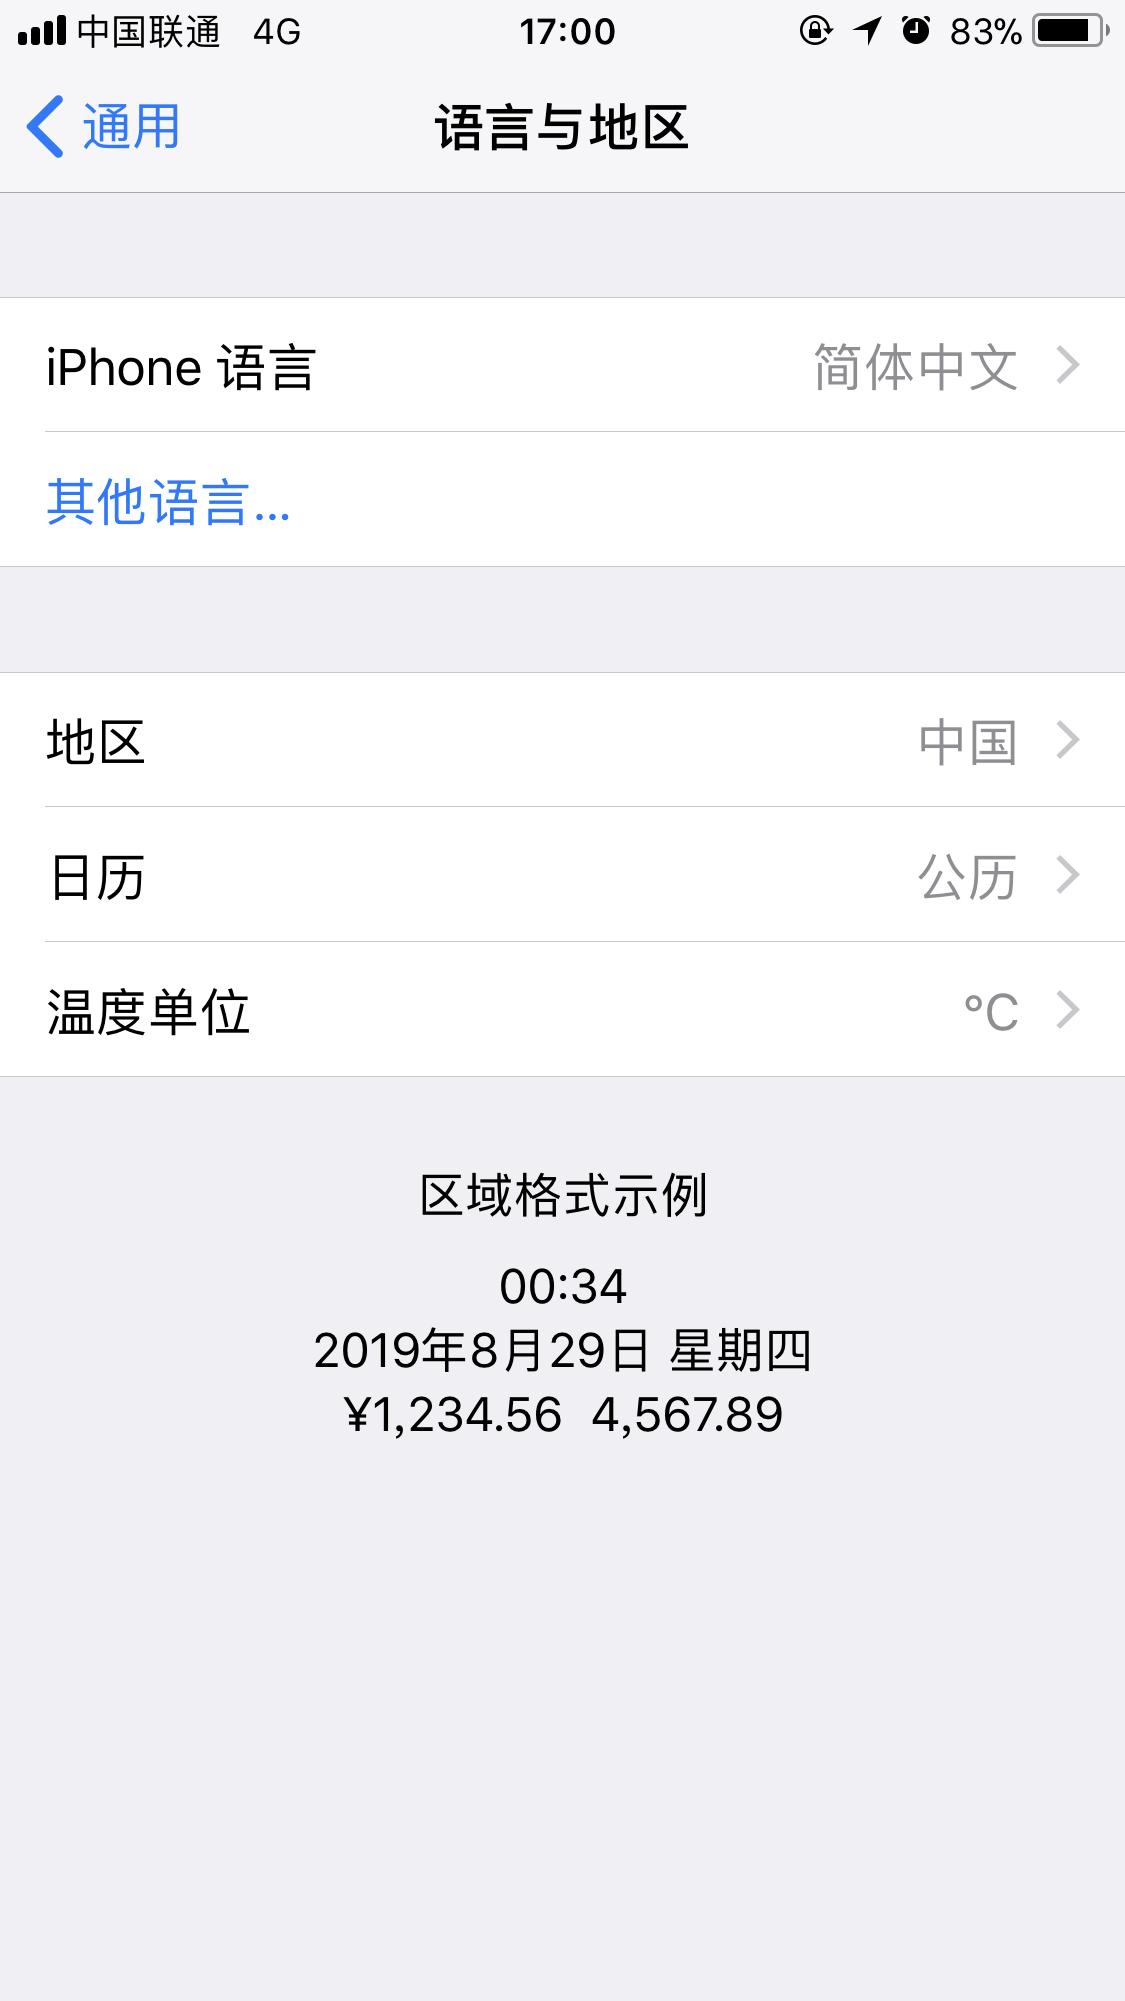 iOS 13 新增多语言系统,可单独为 App 设置语言